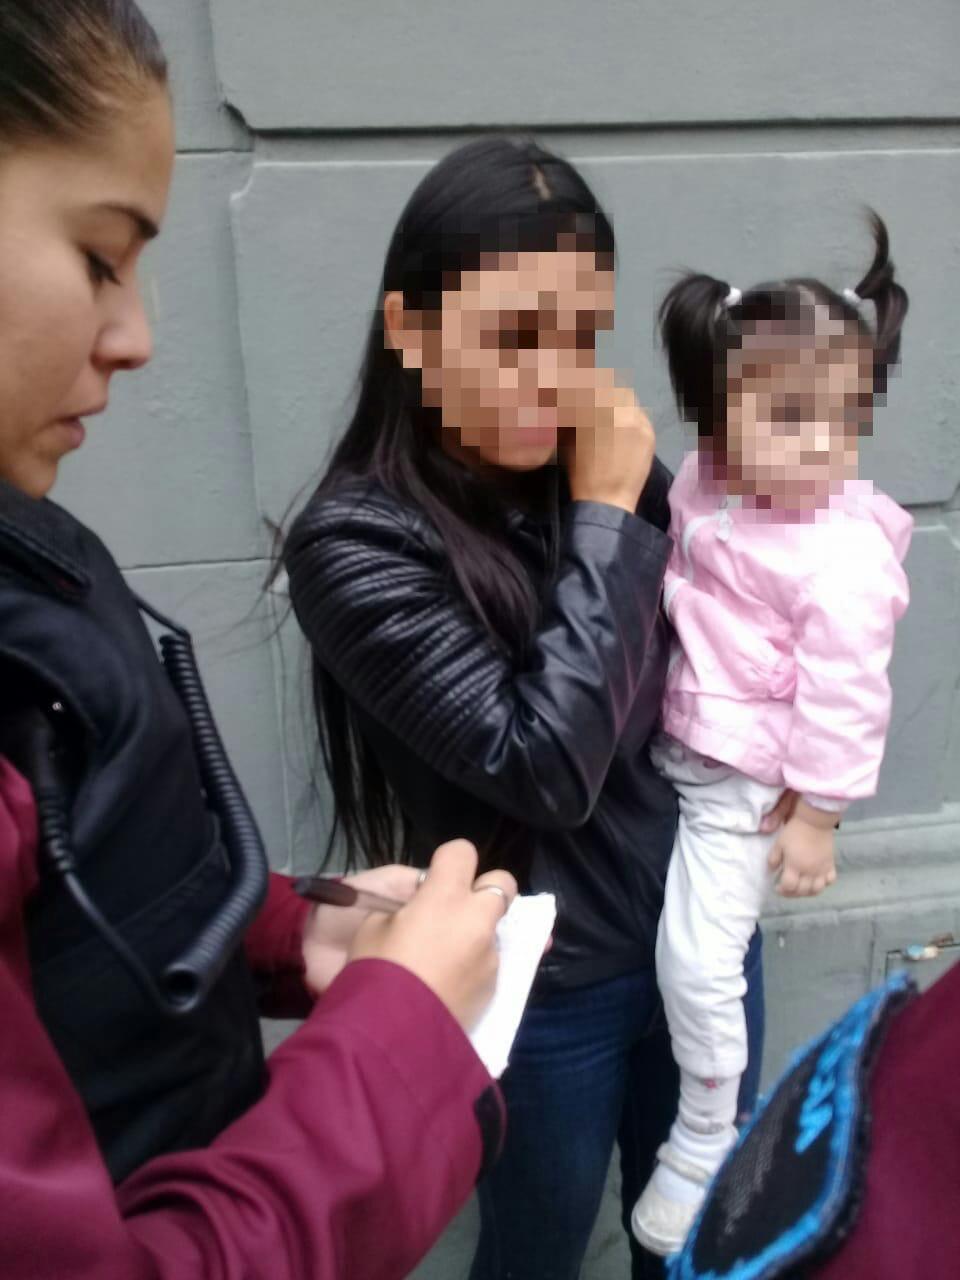 Mujer de 18 años, acusada de robar ropa de un local, con su hija de 3 en brazos